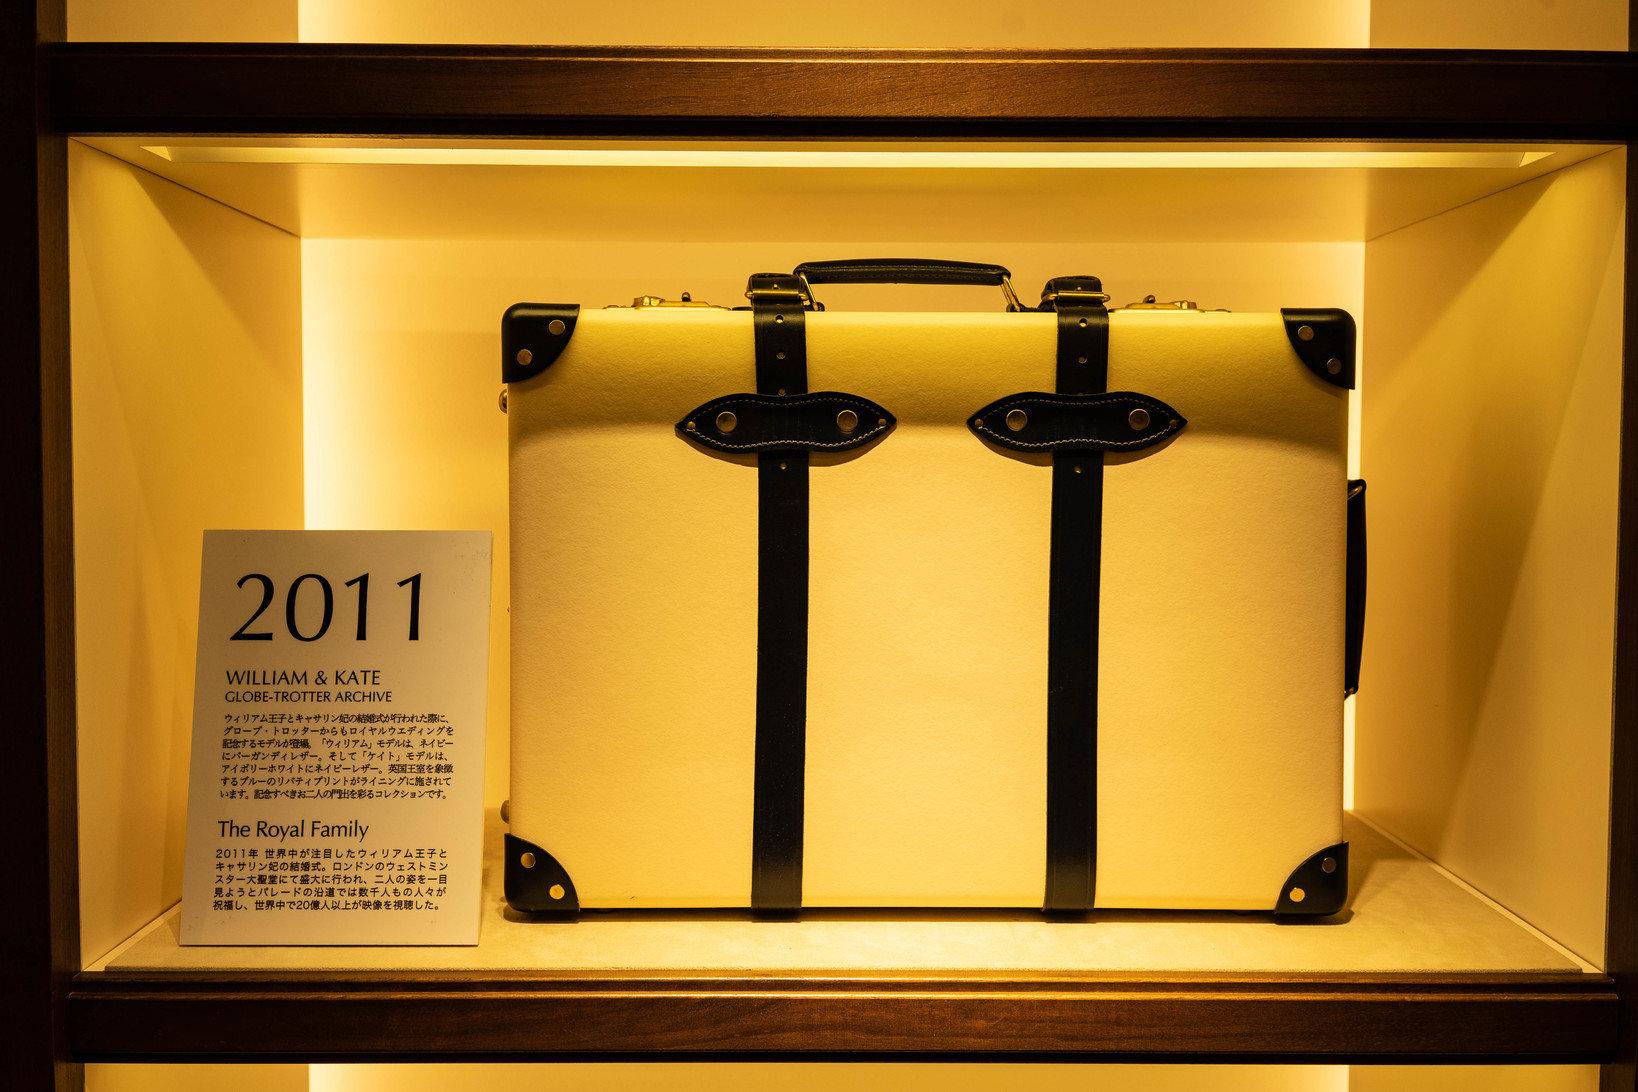 2011年から現在も使用されている、現行デザインパターン。コーナーにはレザー素材が使われ、現代的なシルエットに昇華されている。本モデルはウィリアム王子とキャサリン妃の結婚式を記念して作られたロイヤル・ウェディングのコレクションだ。